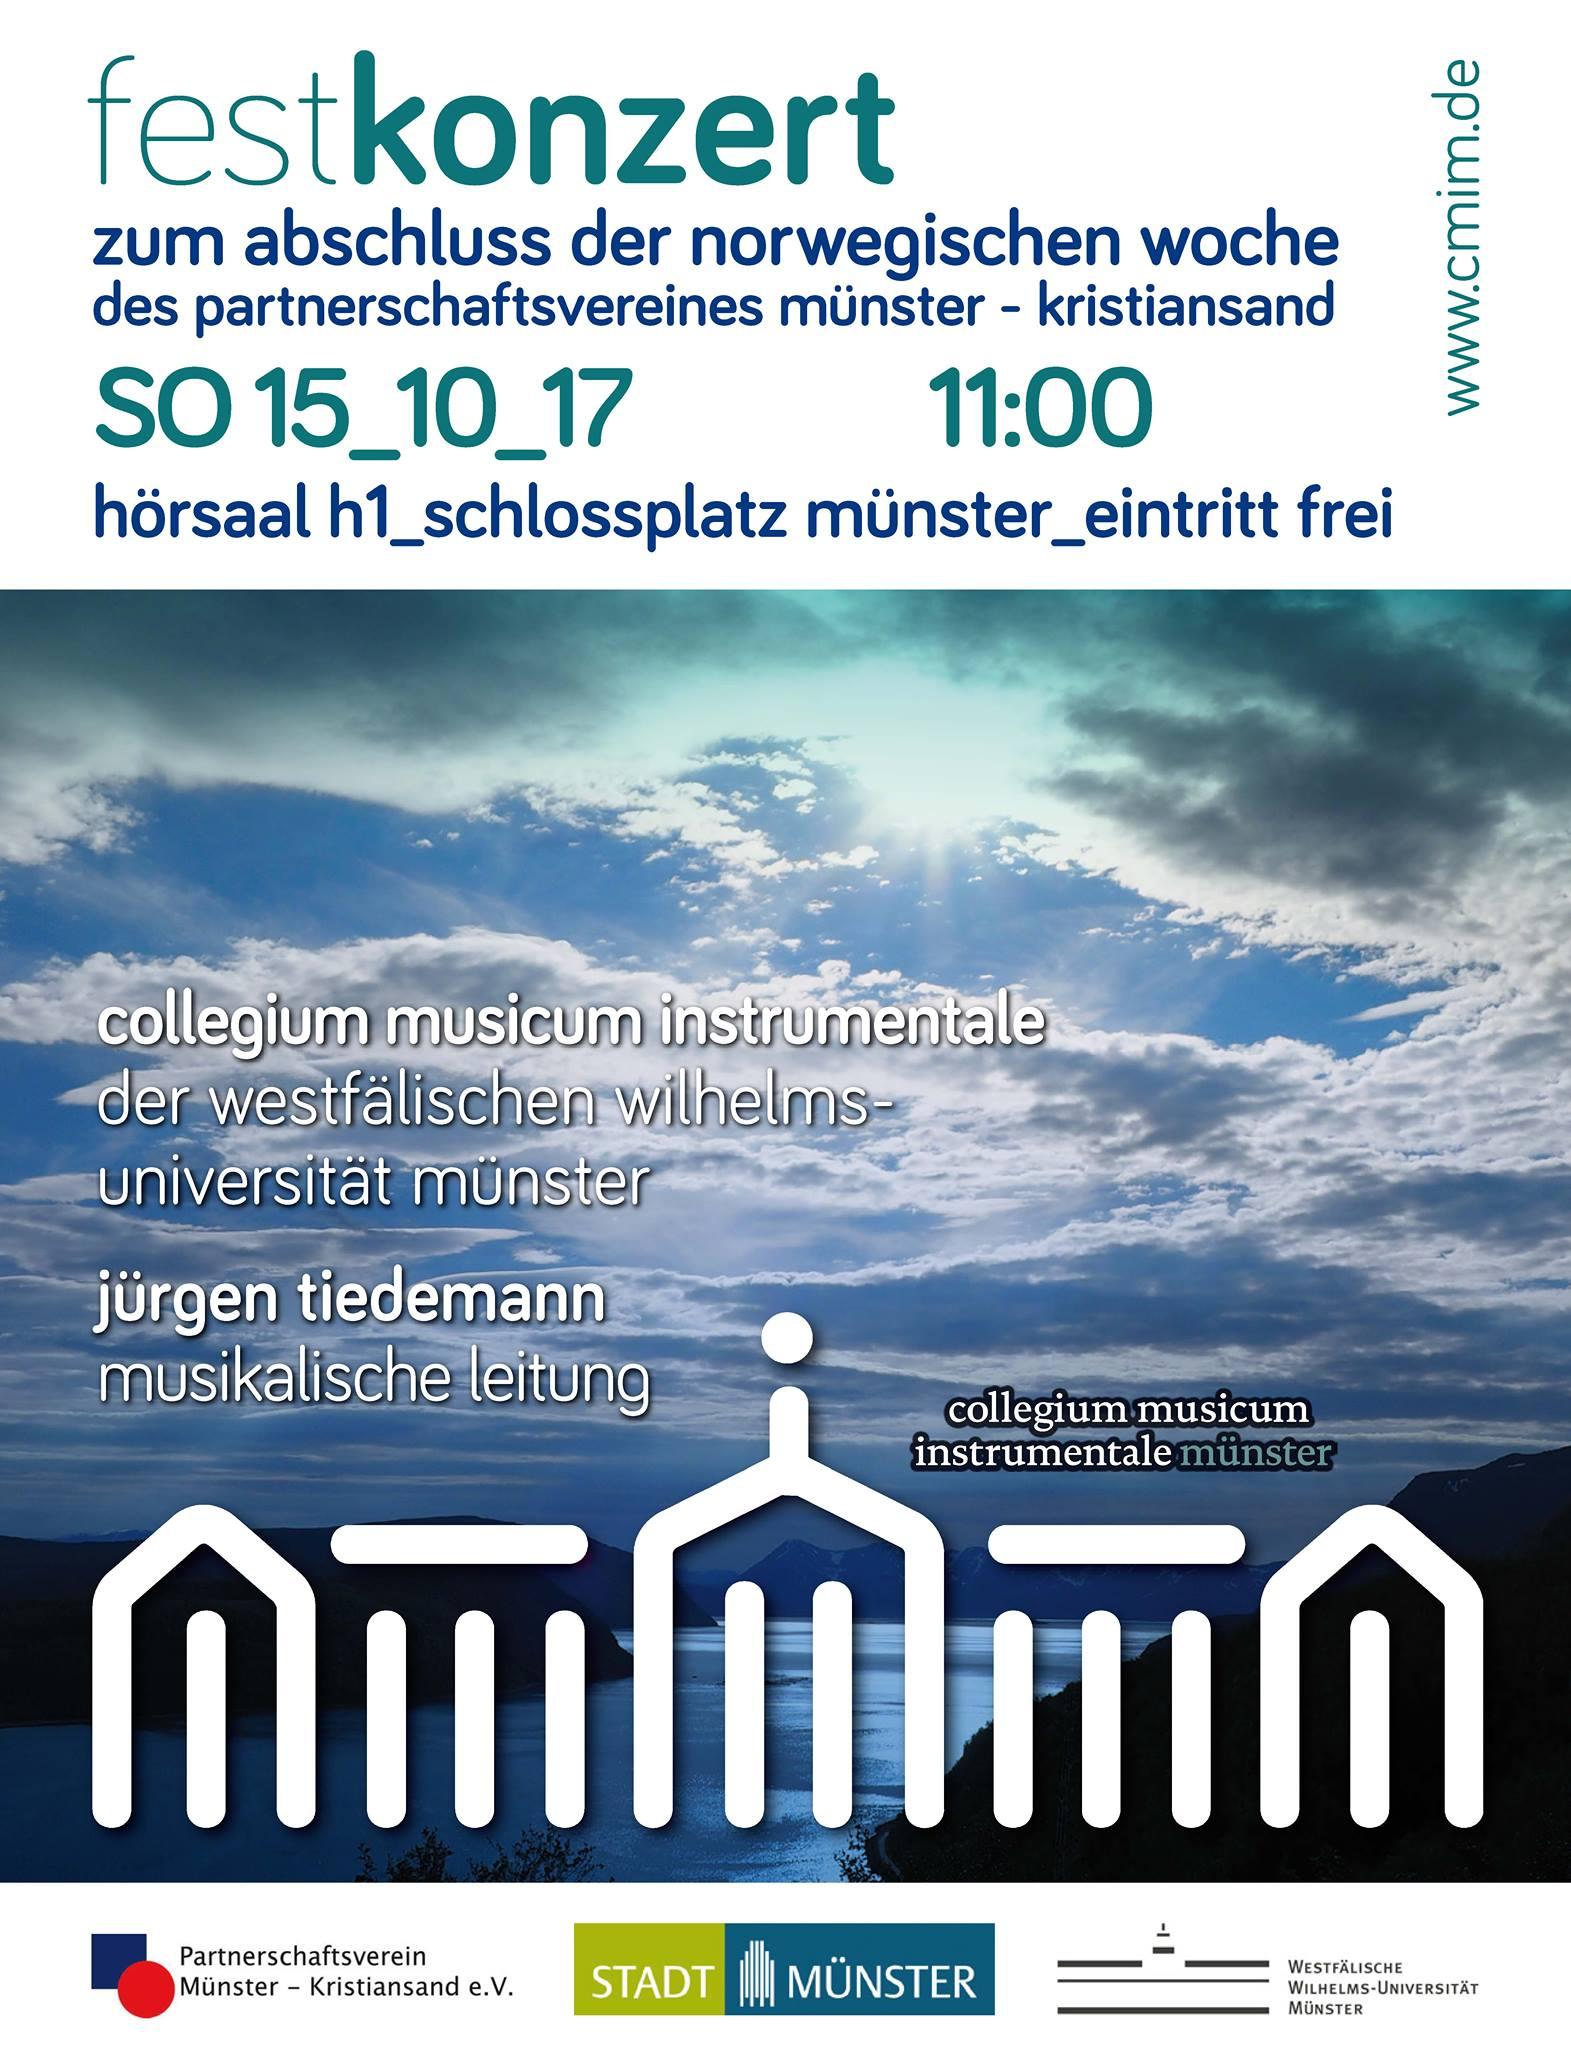 Festkonzert collegium musicum instrumentale münster